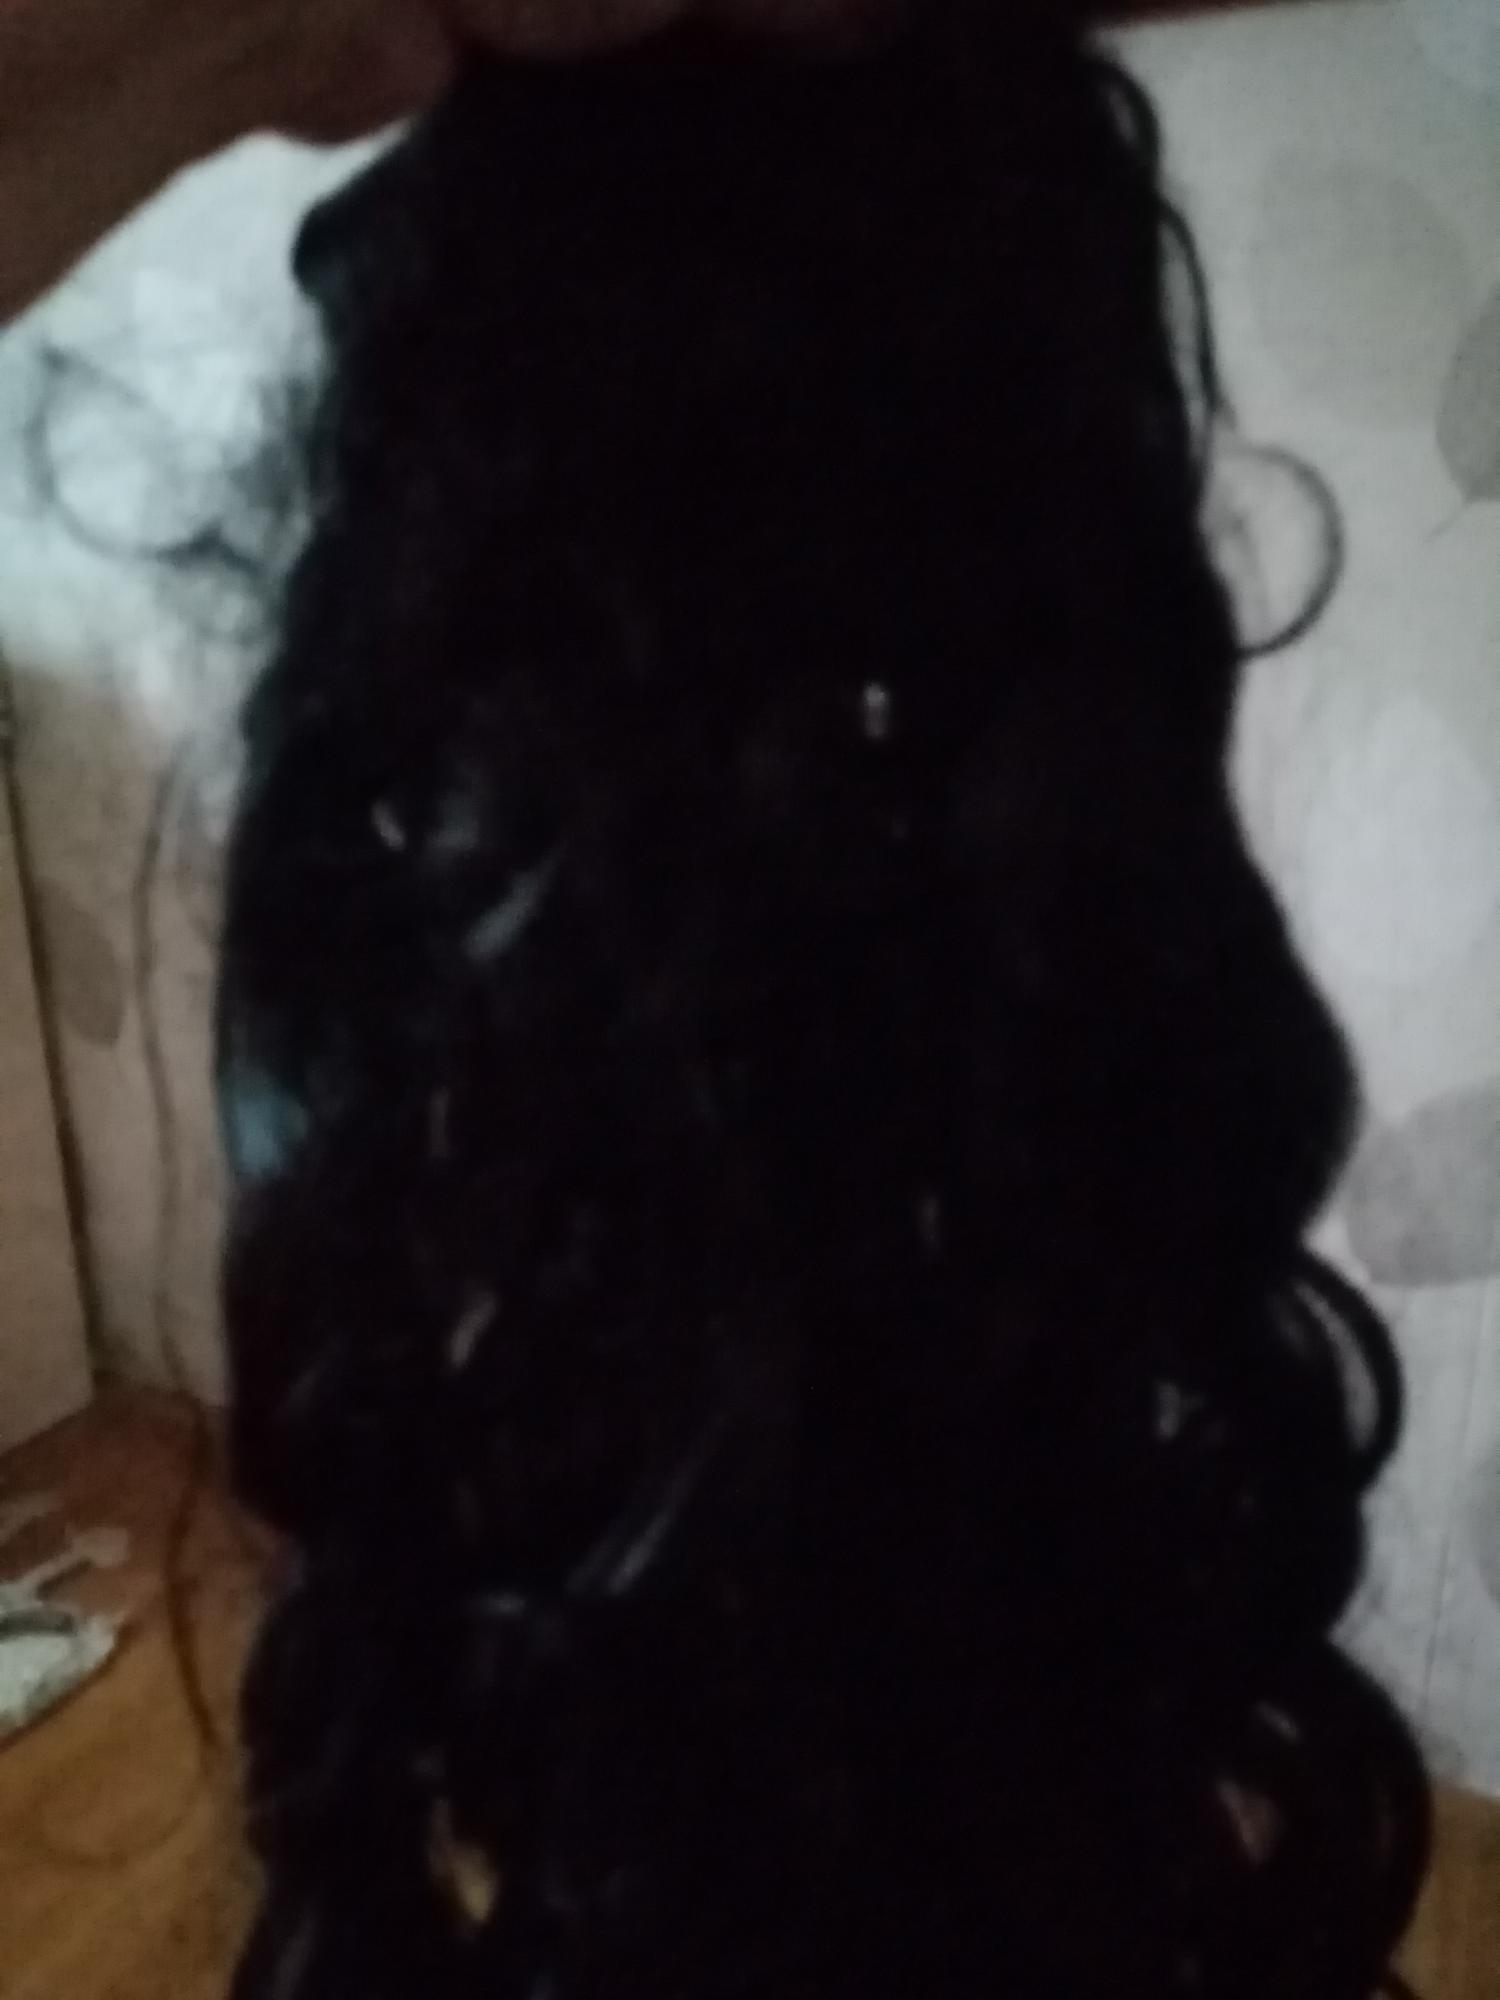 Черные локоны волос в Балашихе 89251467842 купить 1